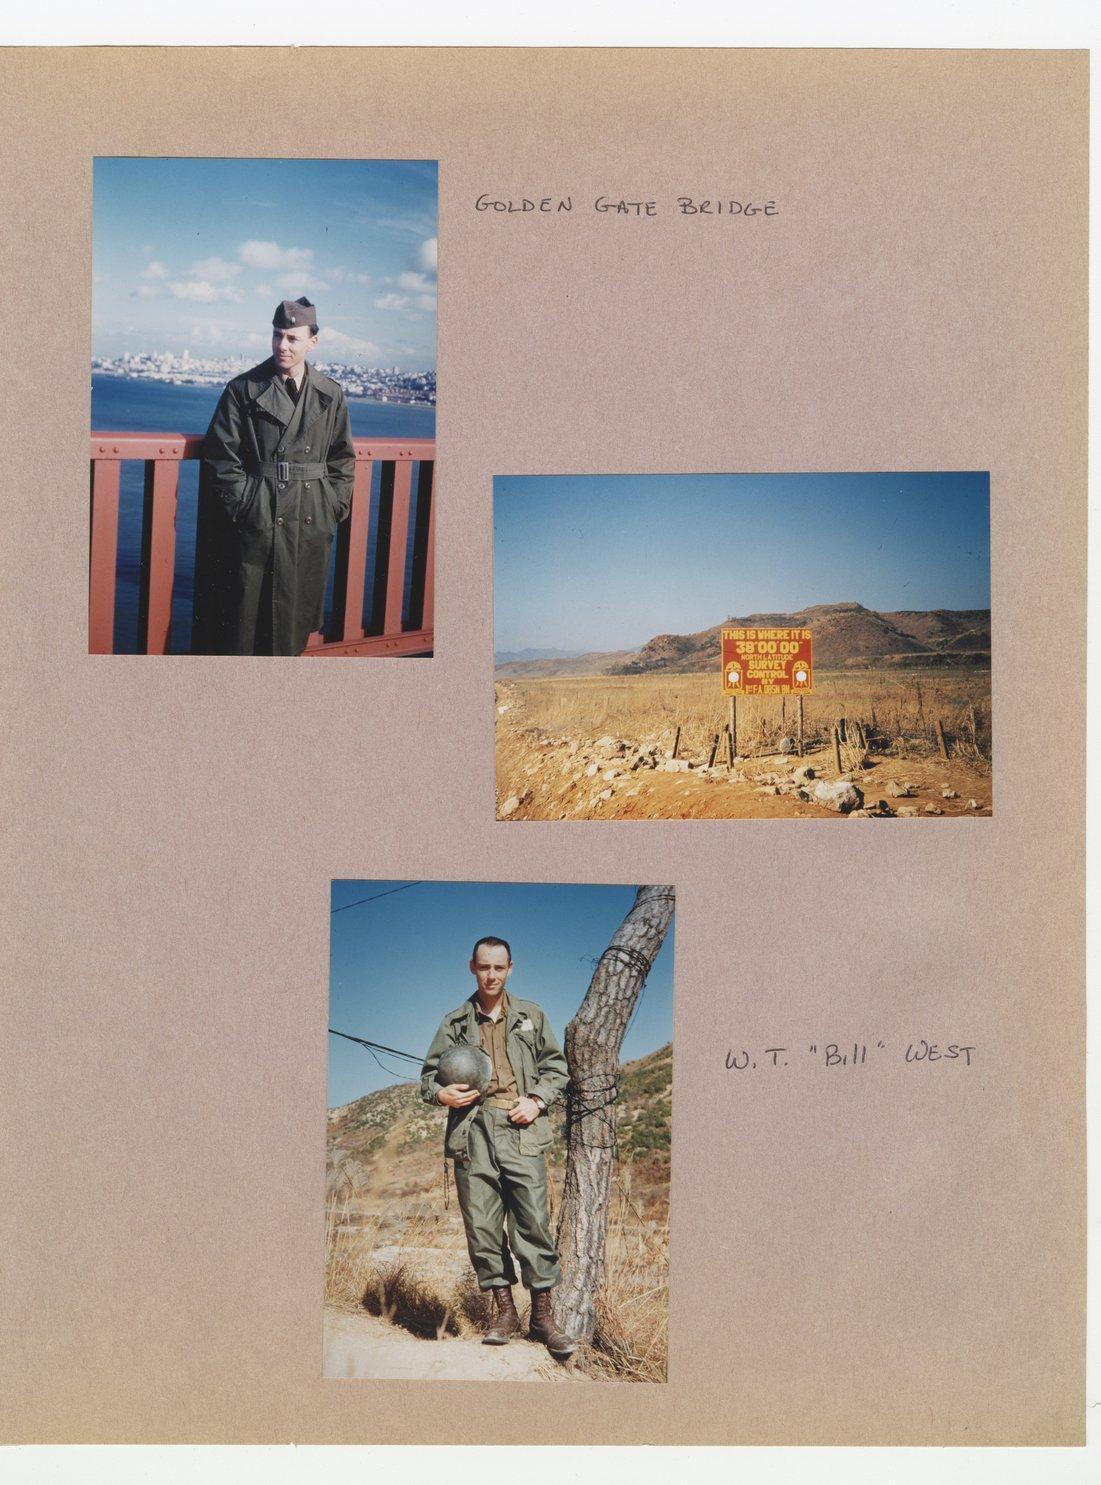 William Thomas West's Korean War photograph album - 3